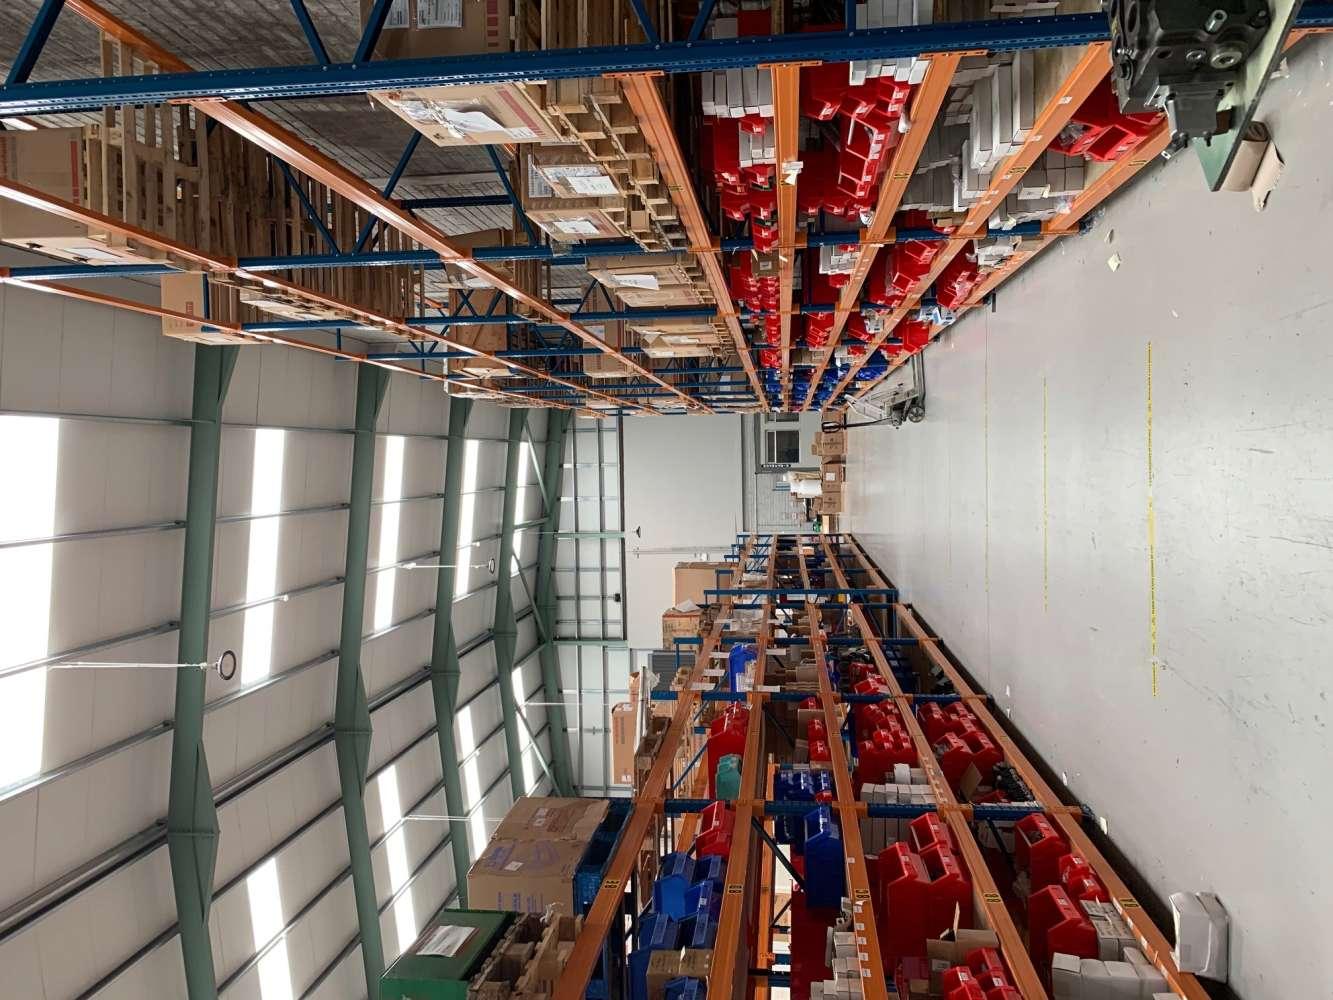 Industrial Co dublin, D24 X2VA - Unit 403B Grants Drive